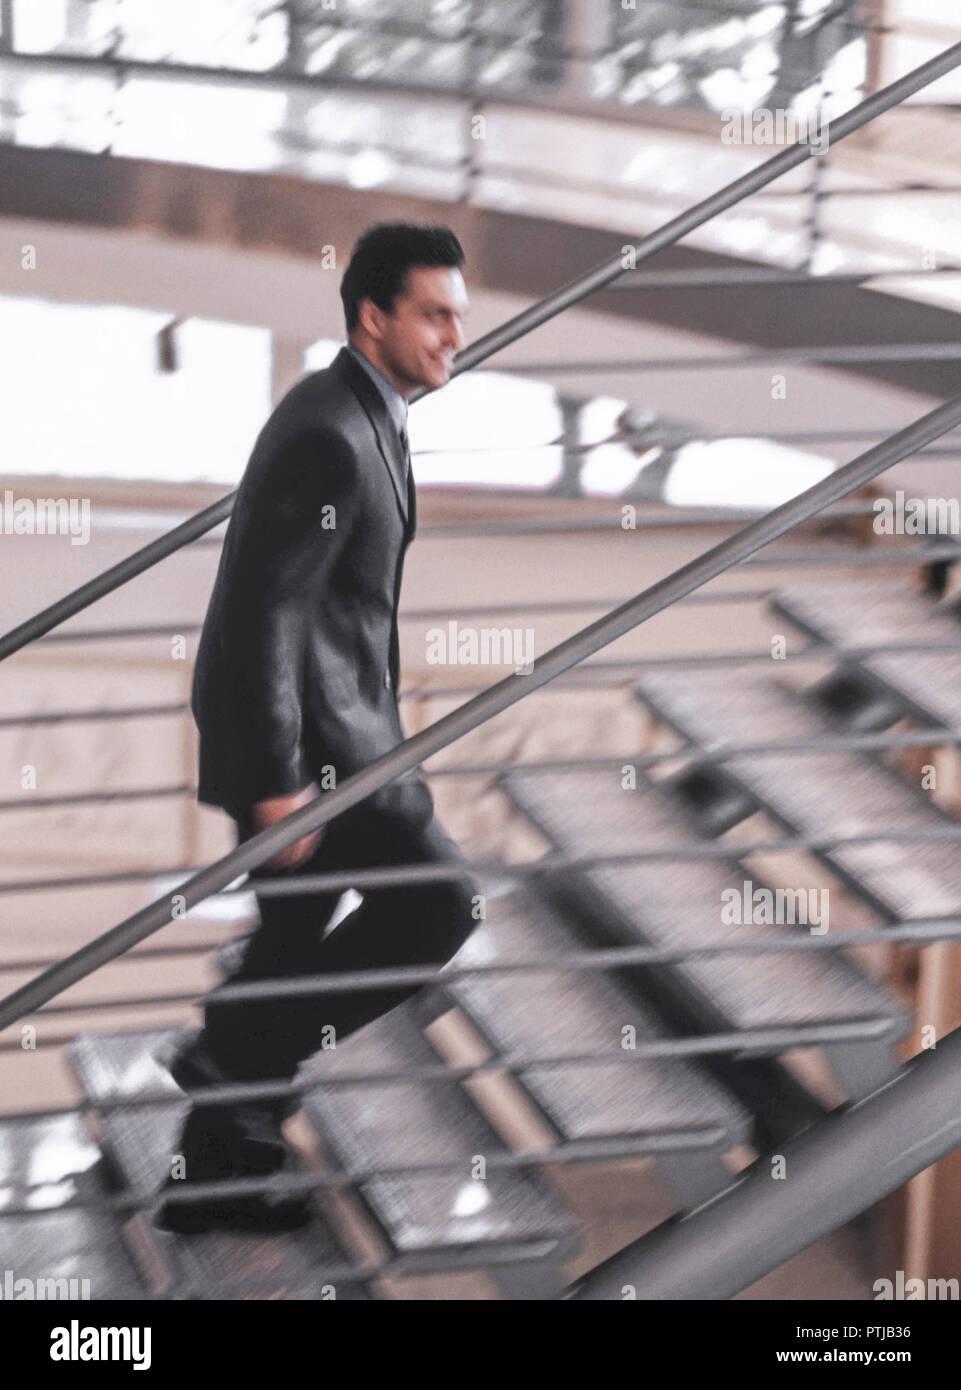 Karrieremann in Anzug mit Aktenkoffer laeuft eine Treppe hinauf (Modellfreigabe) Stock Photo